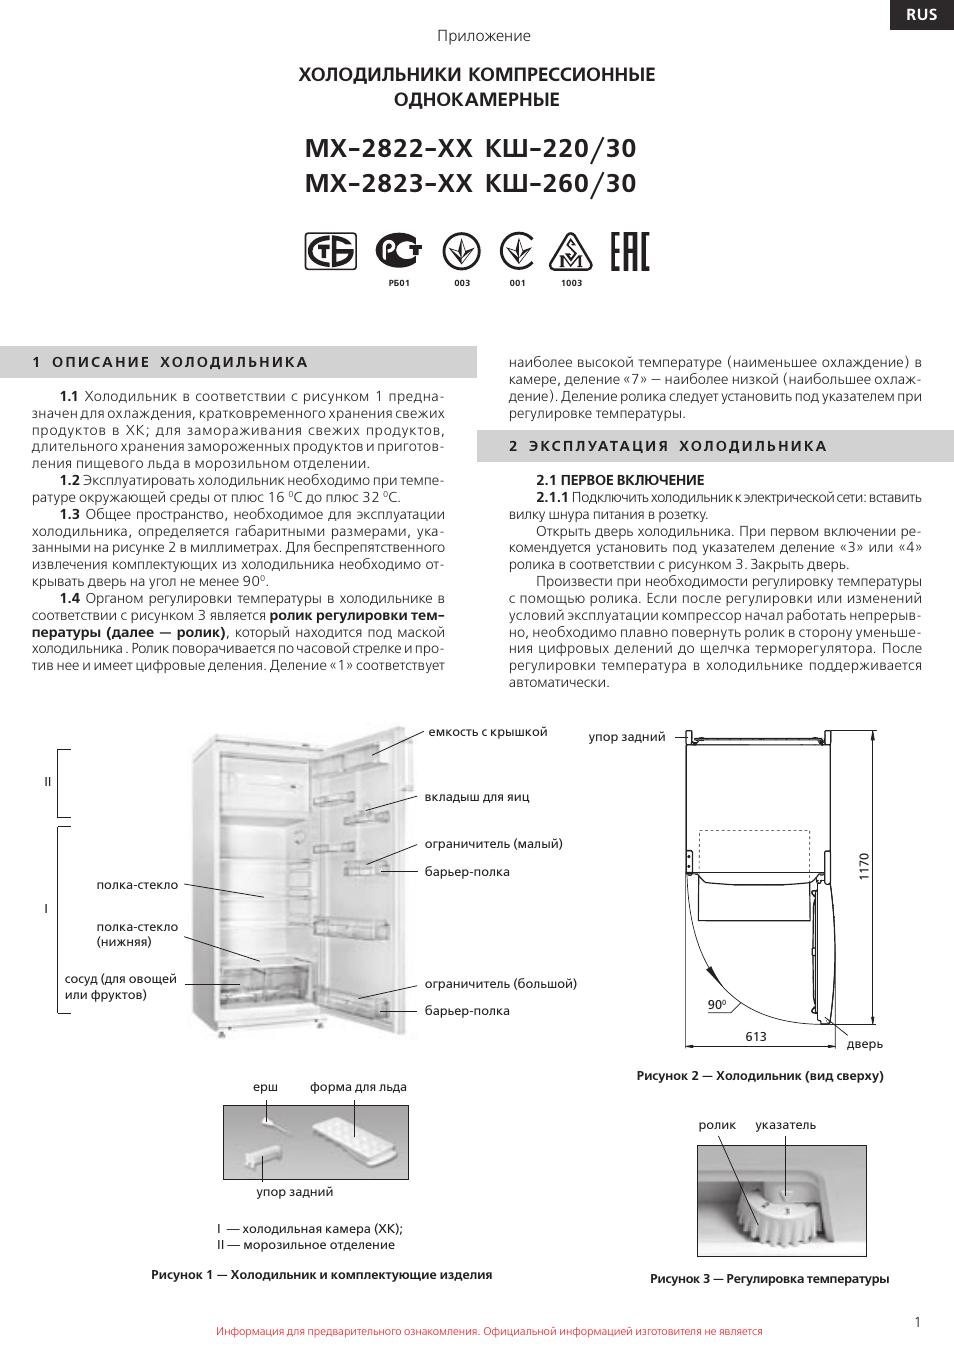 инструкция по эксплуатации атлант мх 2822 приложение 16 страниц